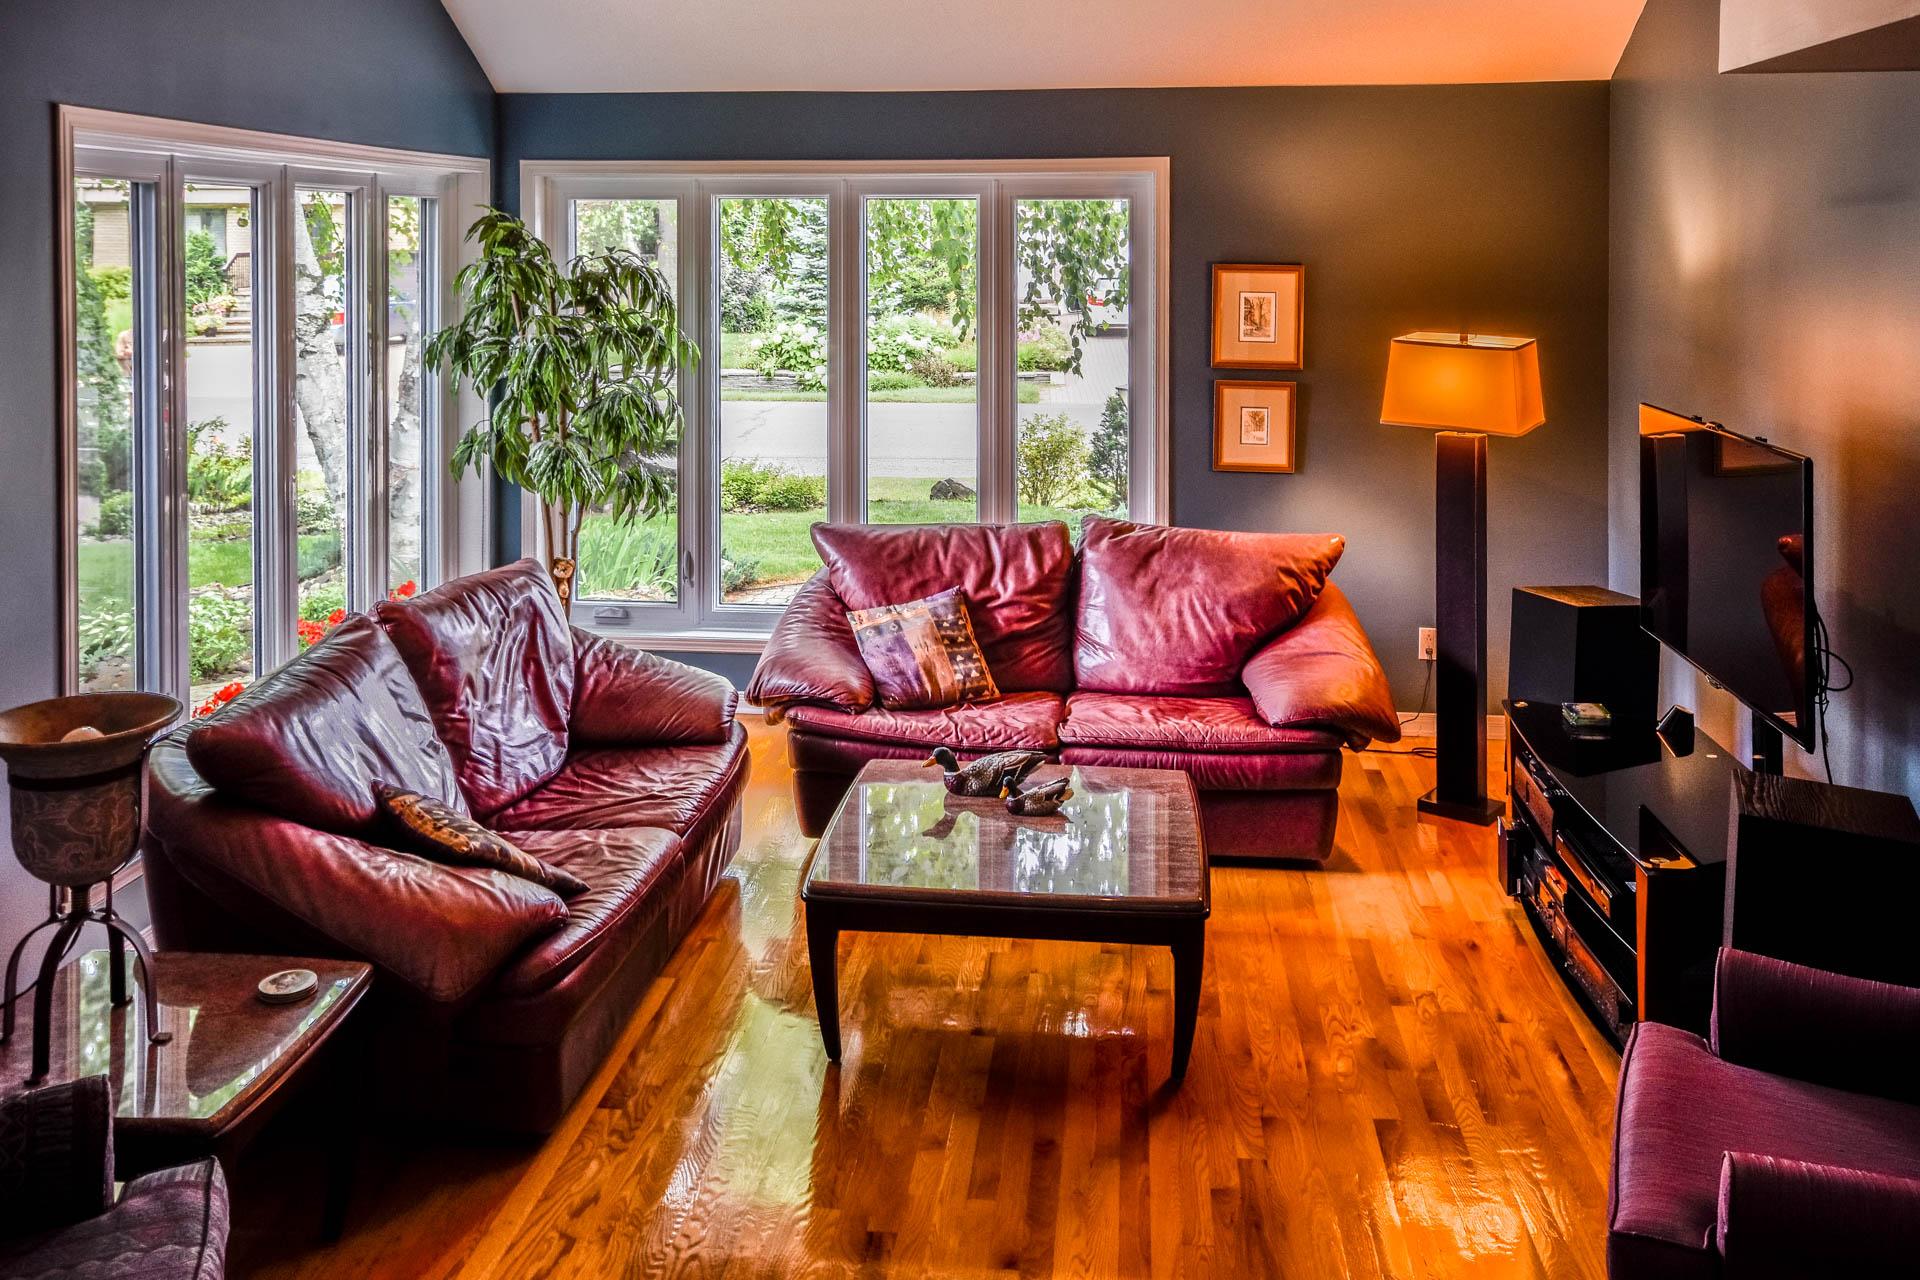 contact immobilier l importance des photos dans la vente immobili re. Black Bedroom Furniture Sets. Home Design Ideas